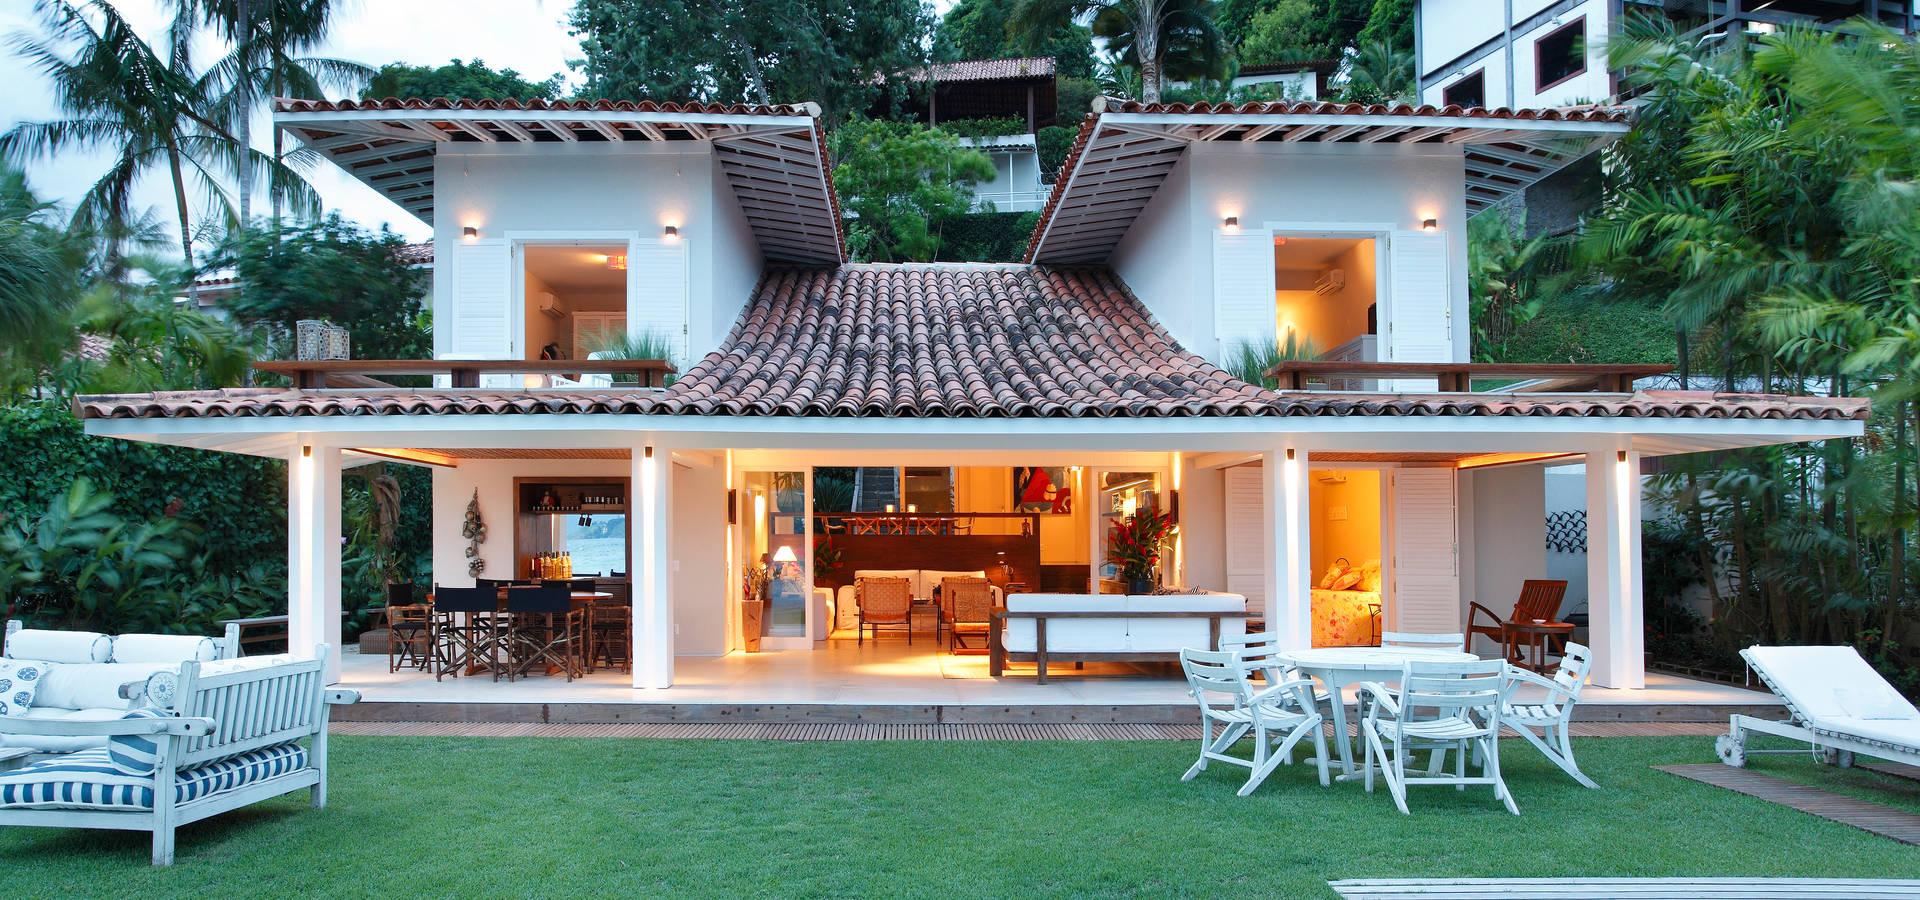 Casa angra i por escala arquitetura homify for Homify casas